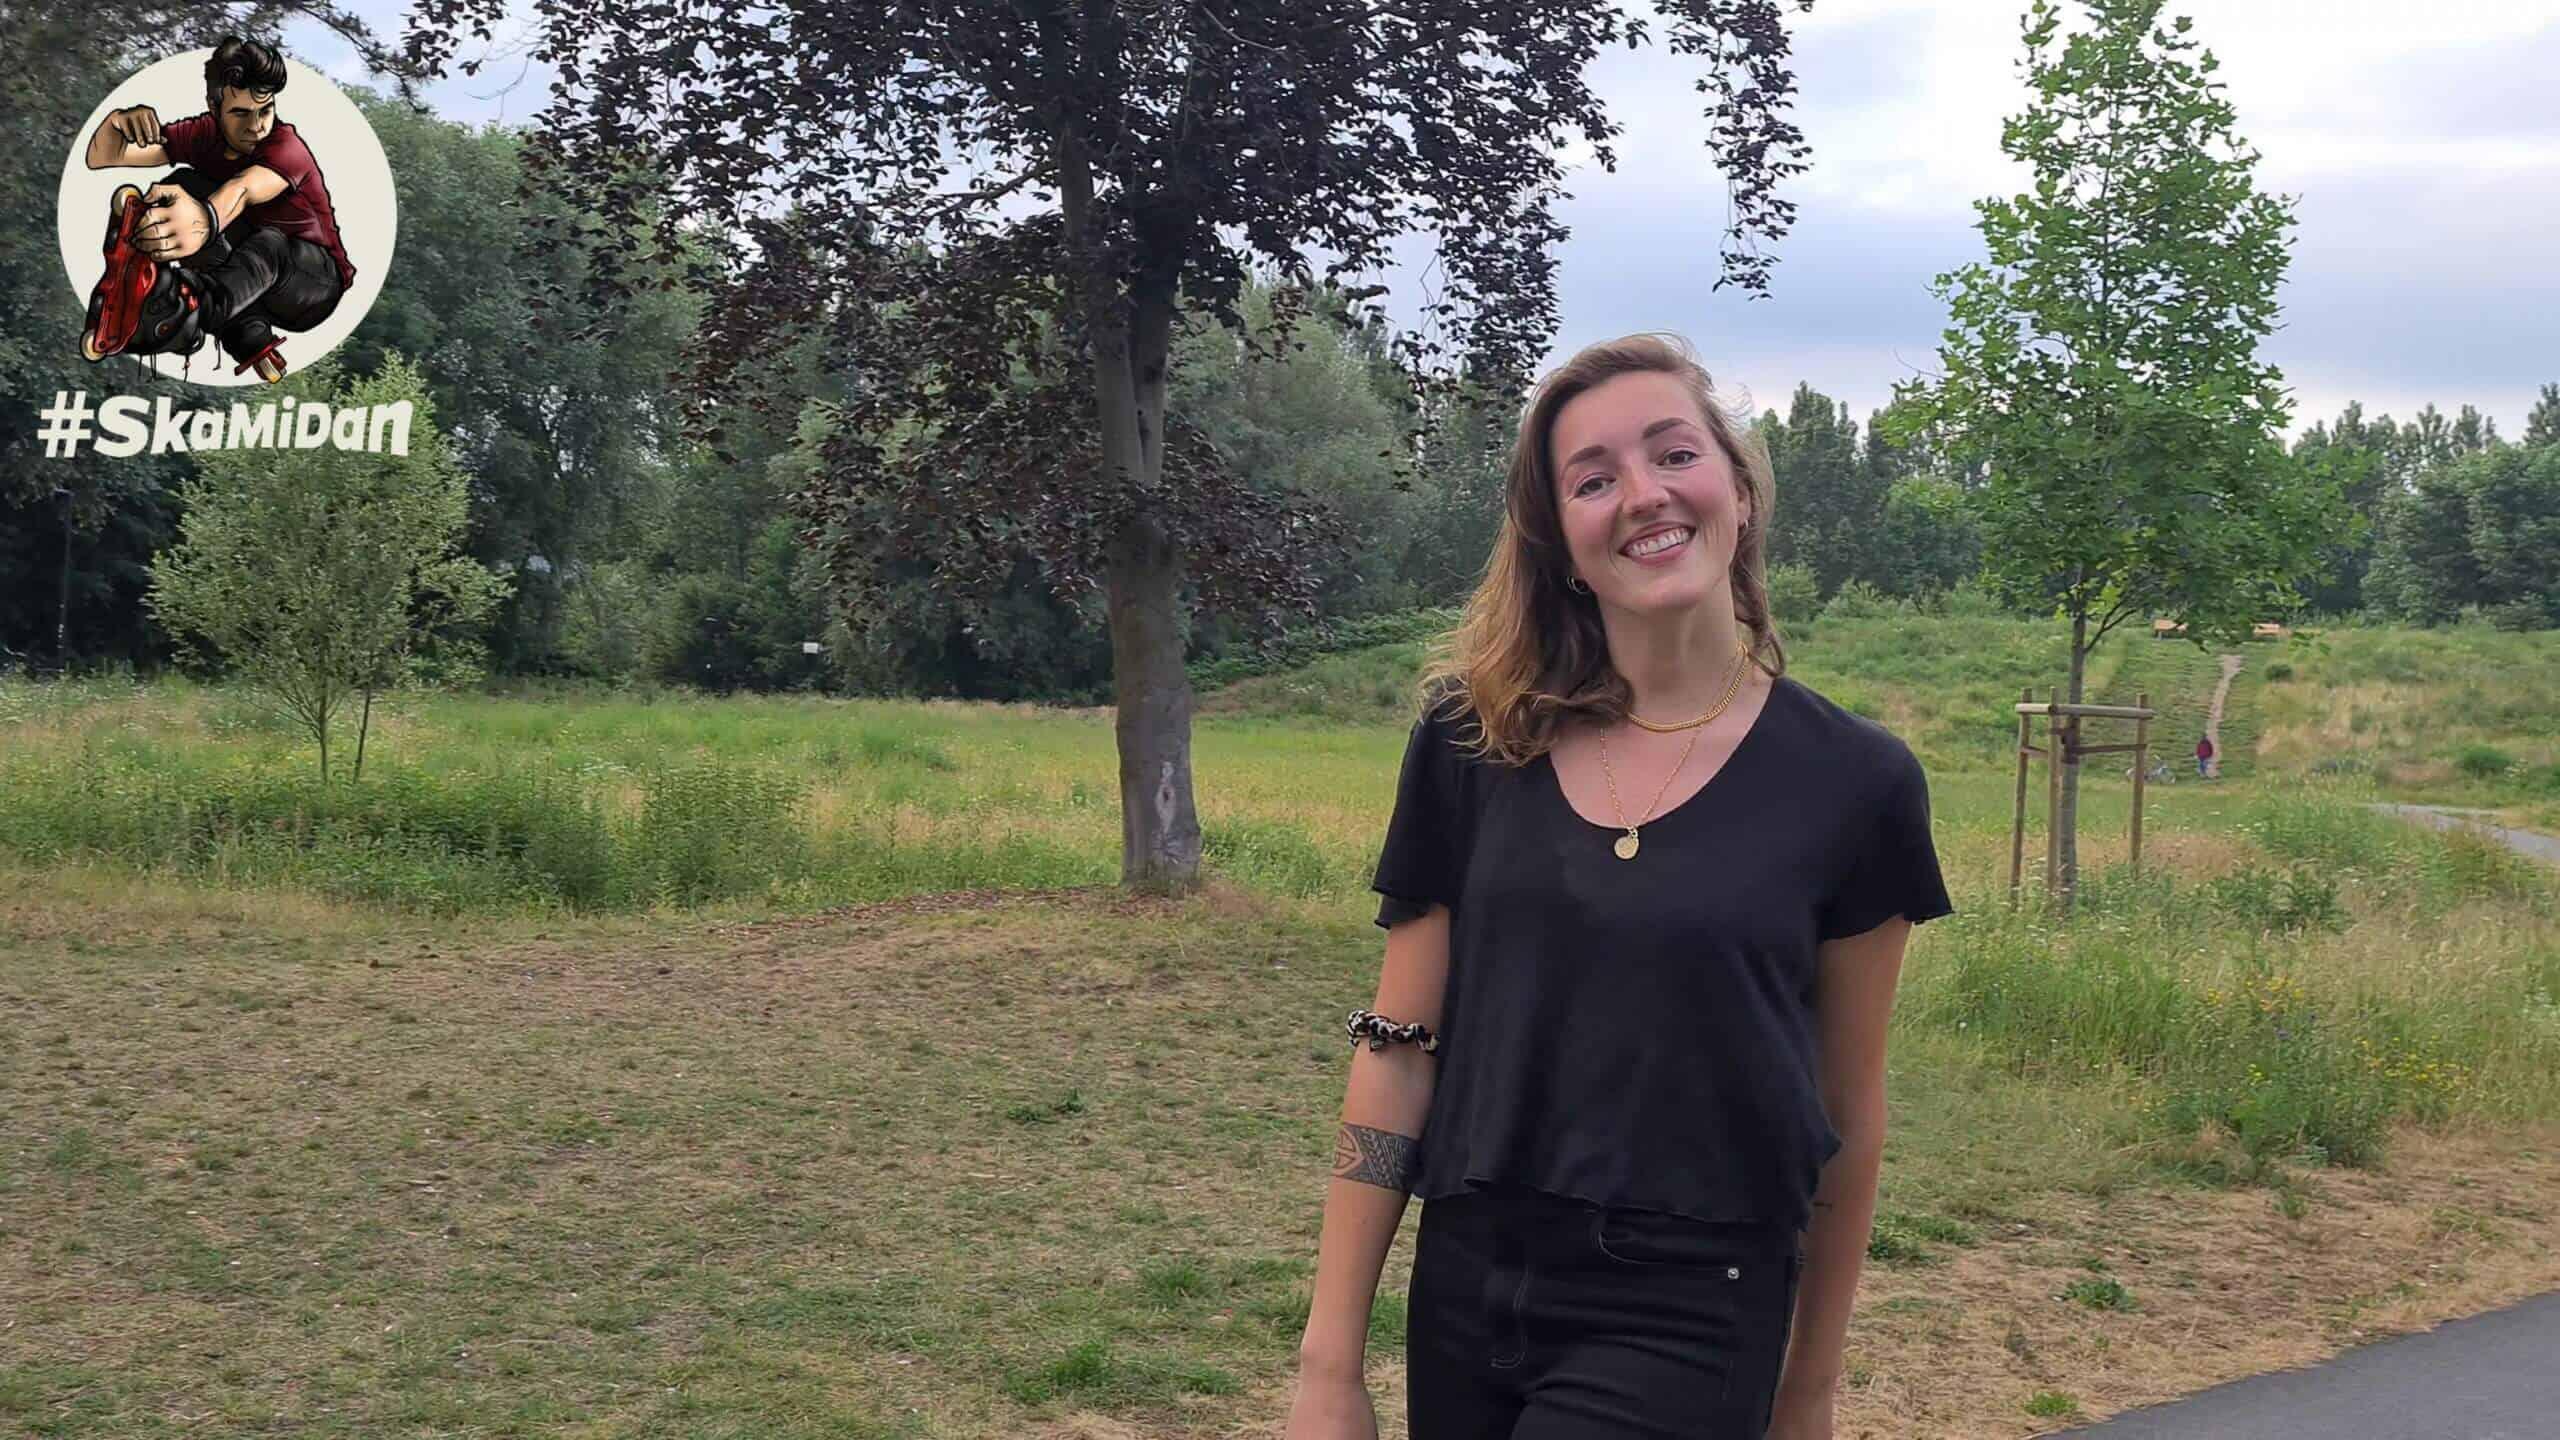 Julia Göke — SkaMiDan Skating Team Roller Skating Rollschuhe Team